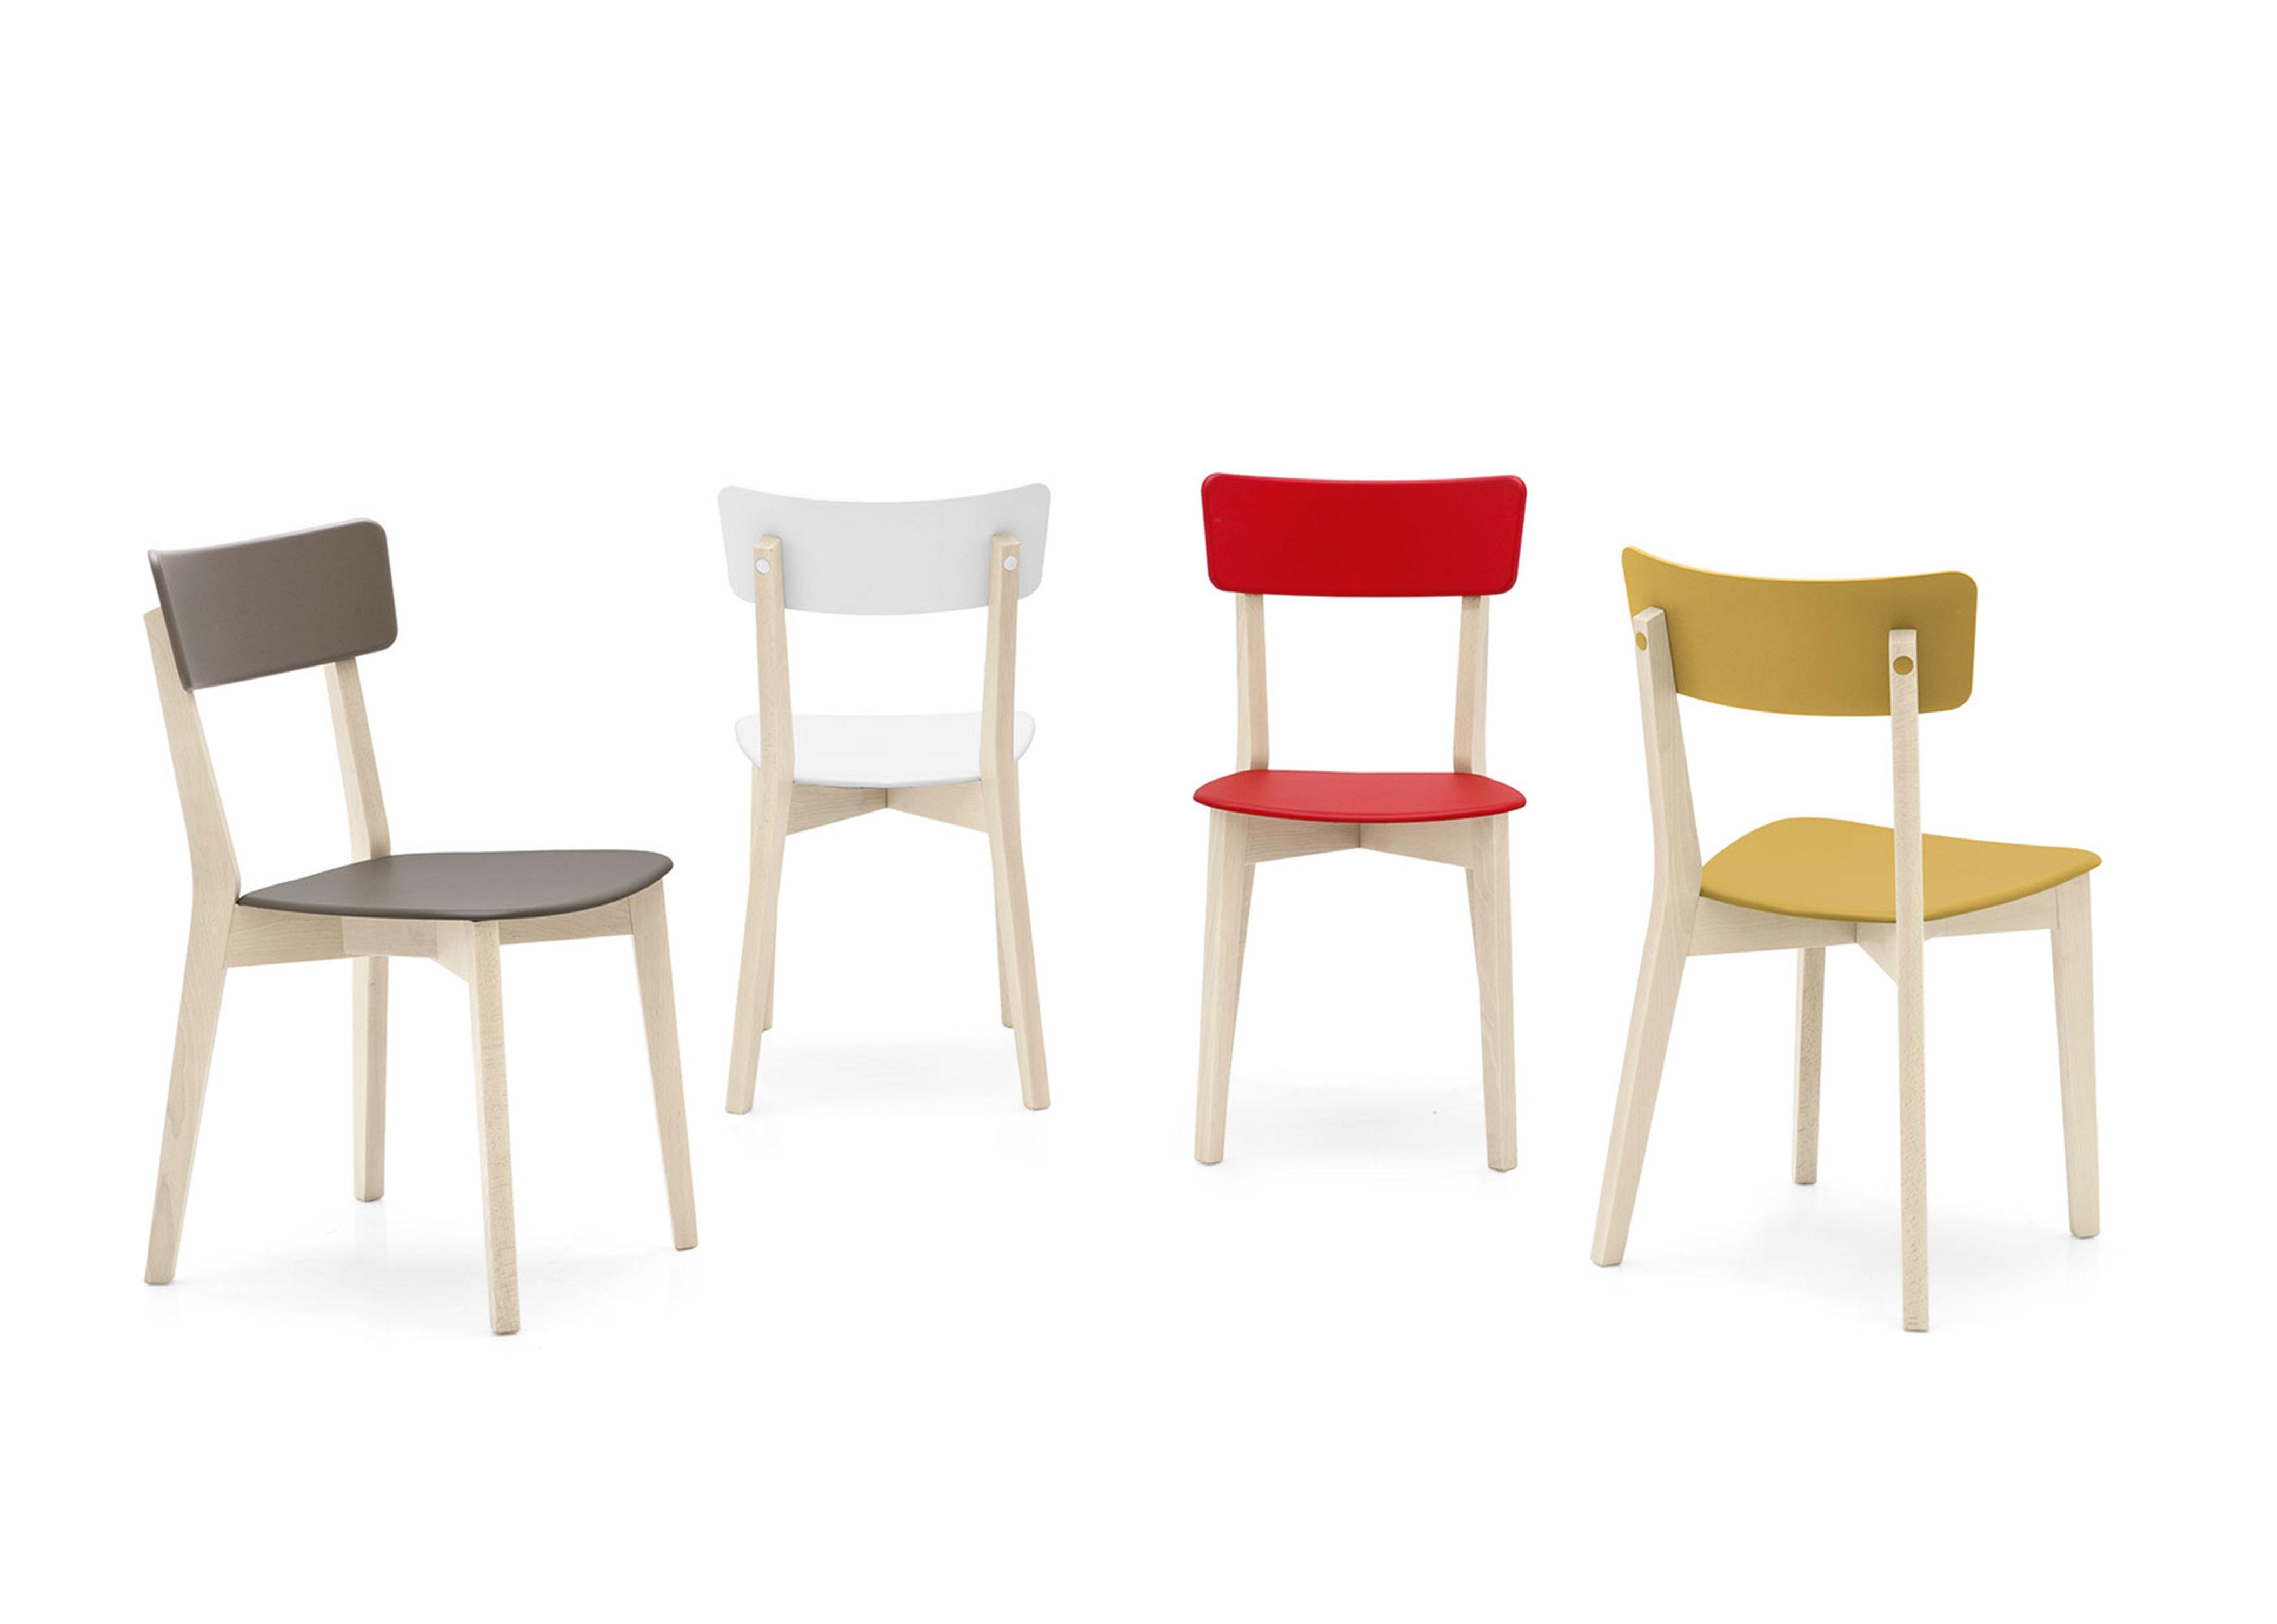 Sedia per cucina modello holly scontata del 30 sedie a - Sedie di legno per cucina ...